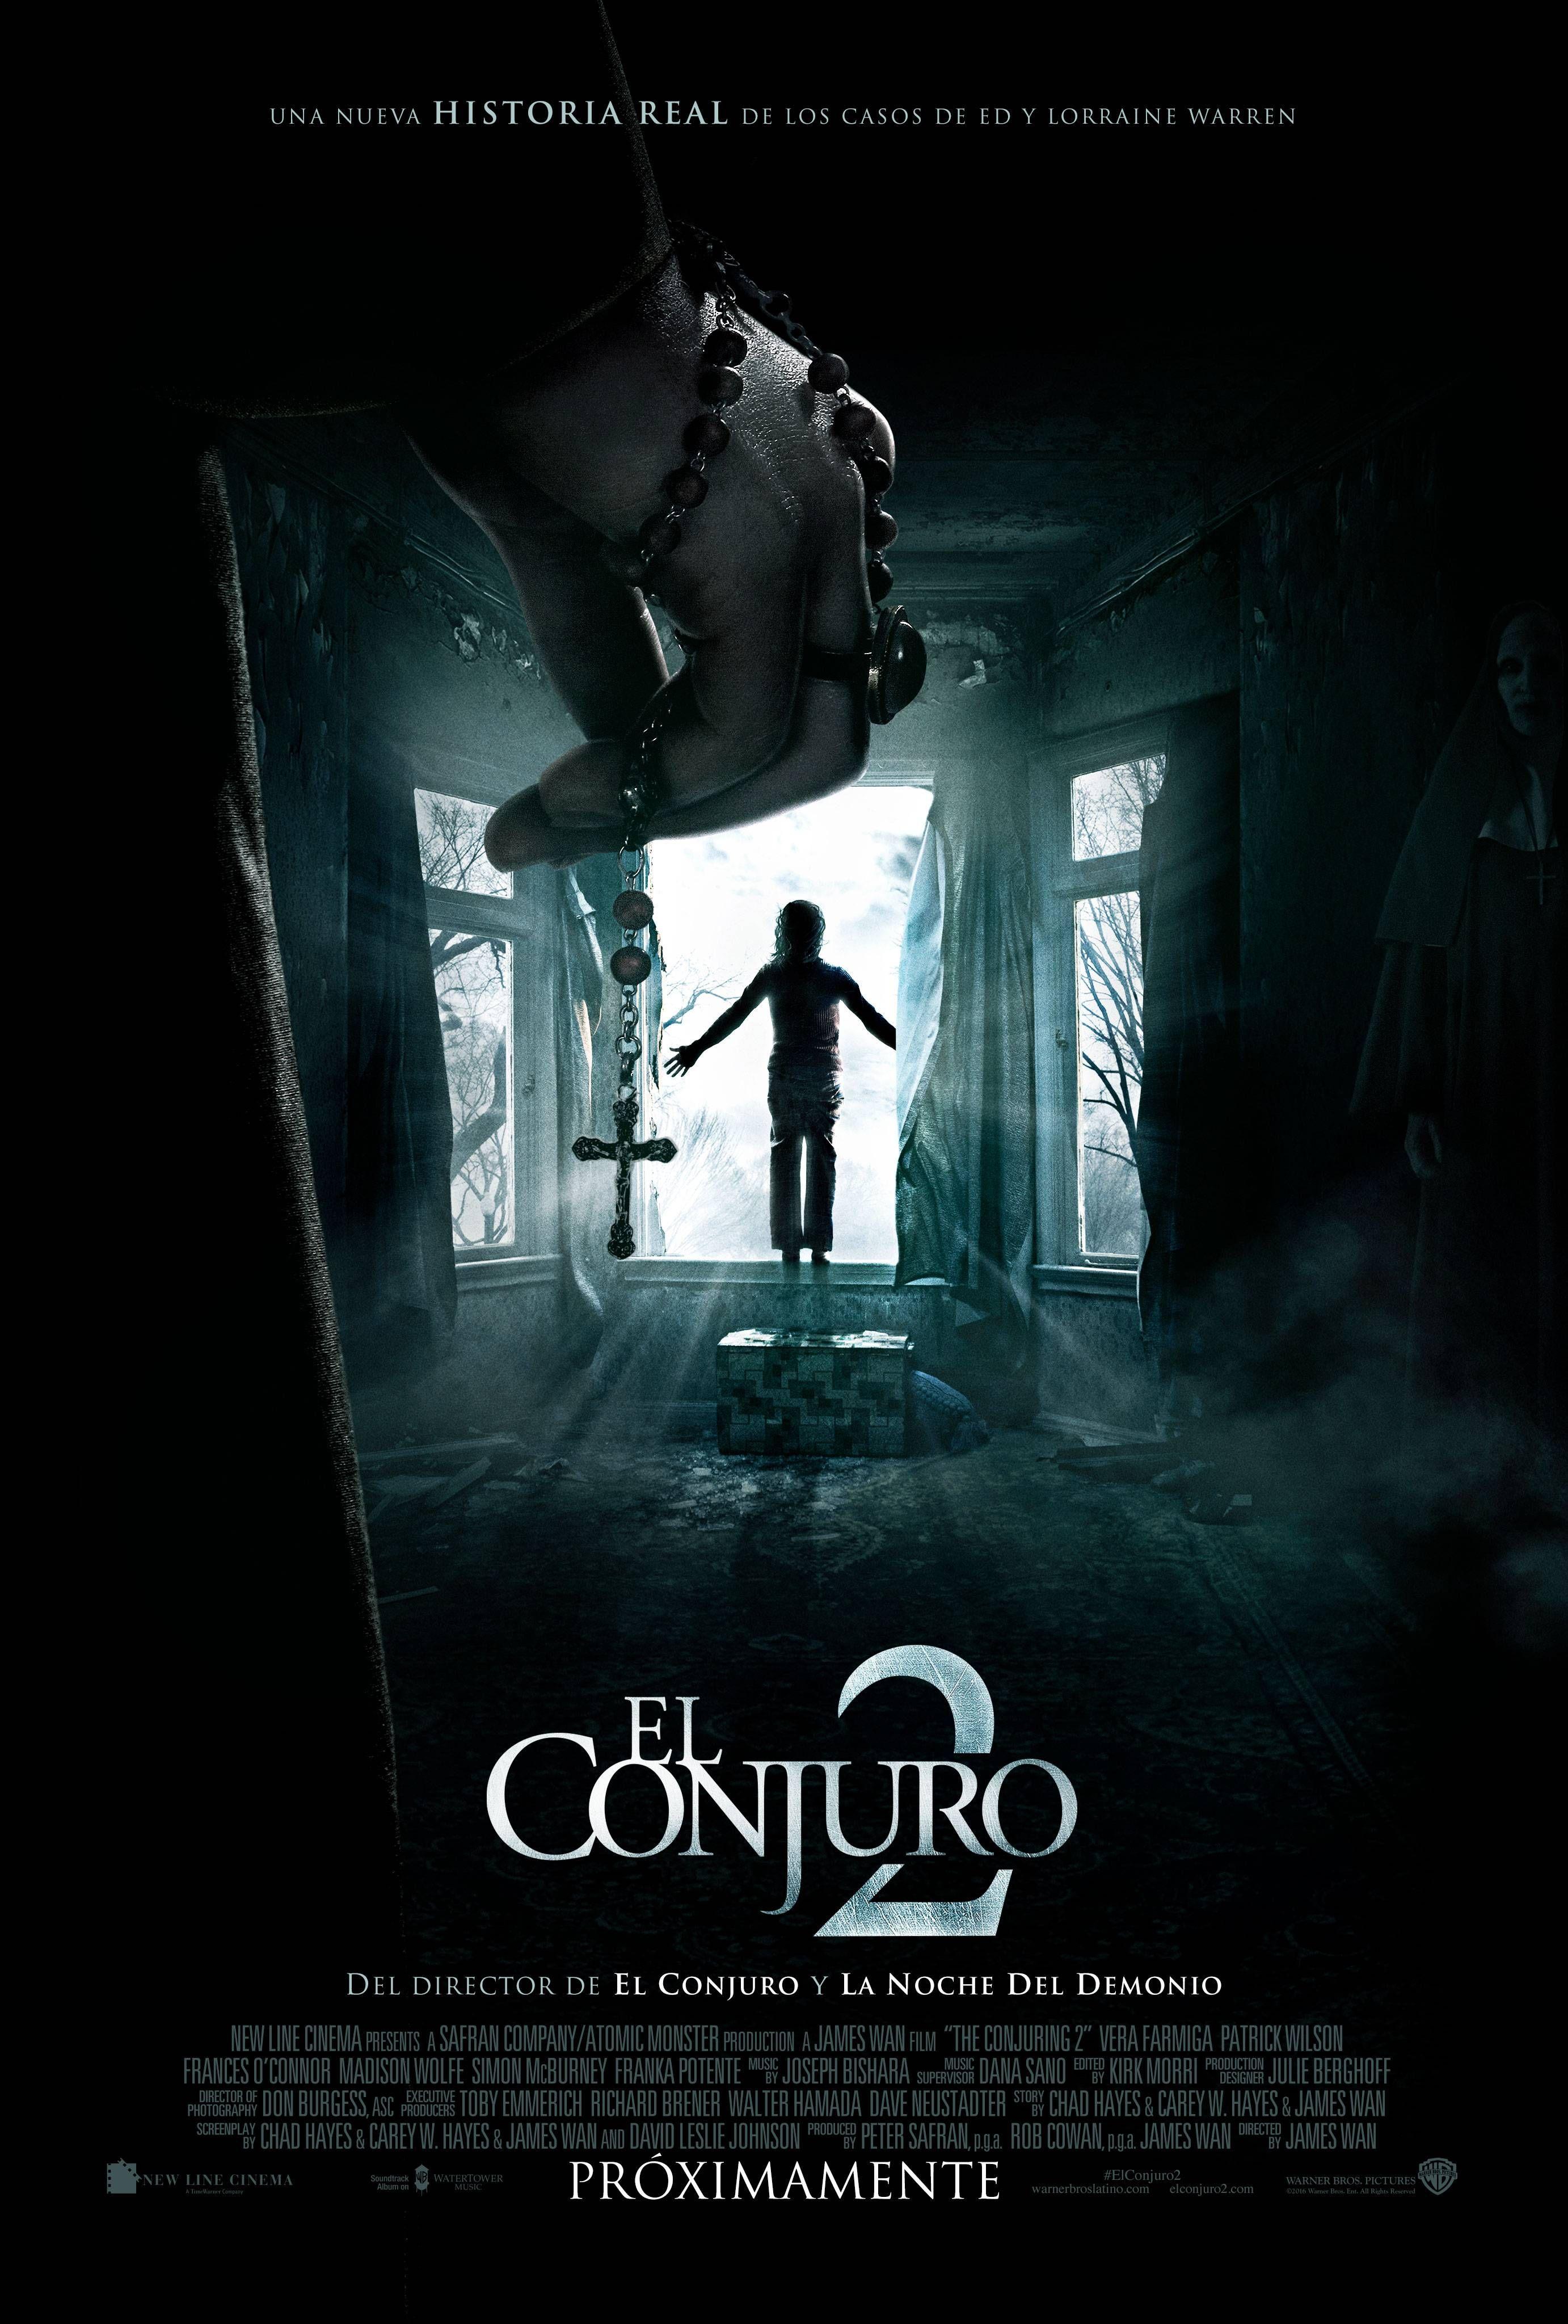 Cinema Unickshak El Conjuro 2 The Conjuring 2 Cinemas Mexico And Usa Peliculas De Terror El Conjuro Pelicula El Conjuro 2